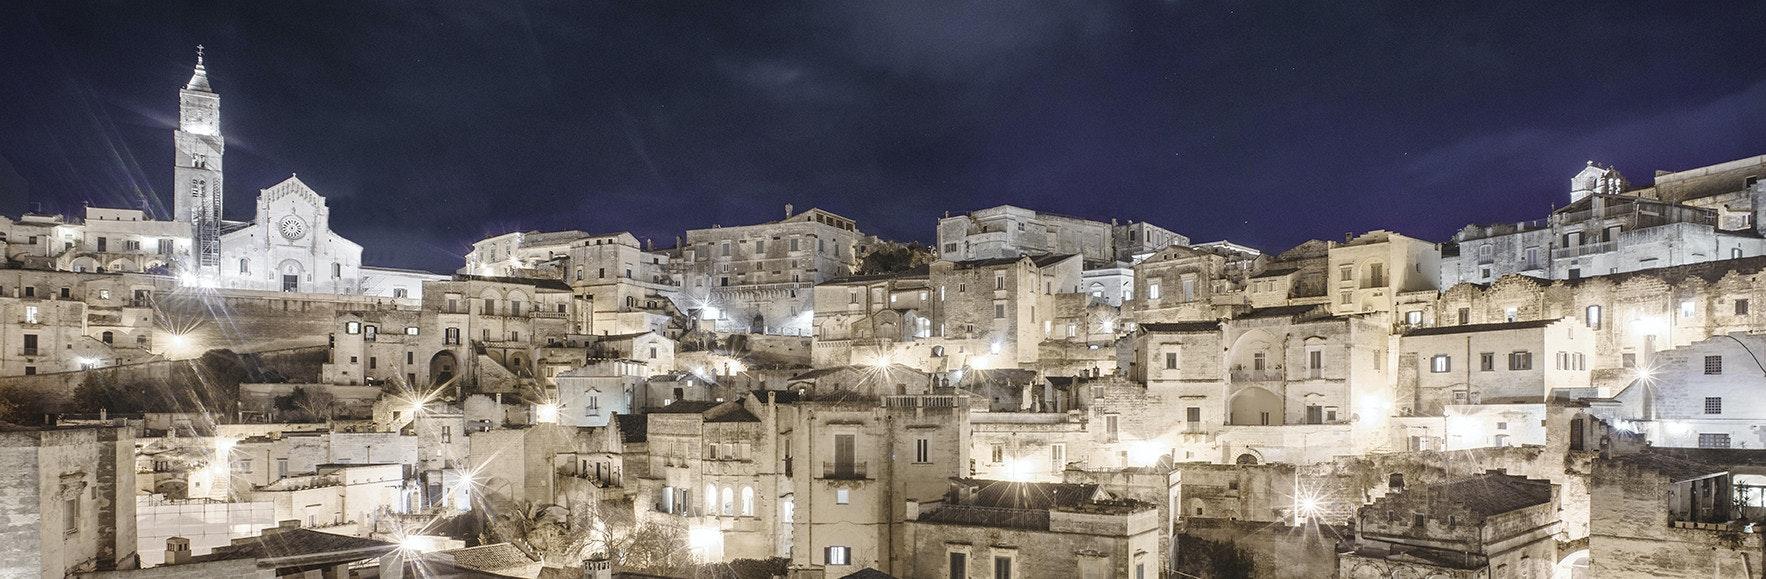 Casa Noha, Matera. Foto di Davide Marcesini © FAI